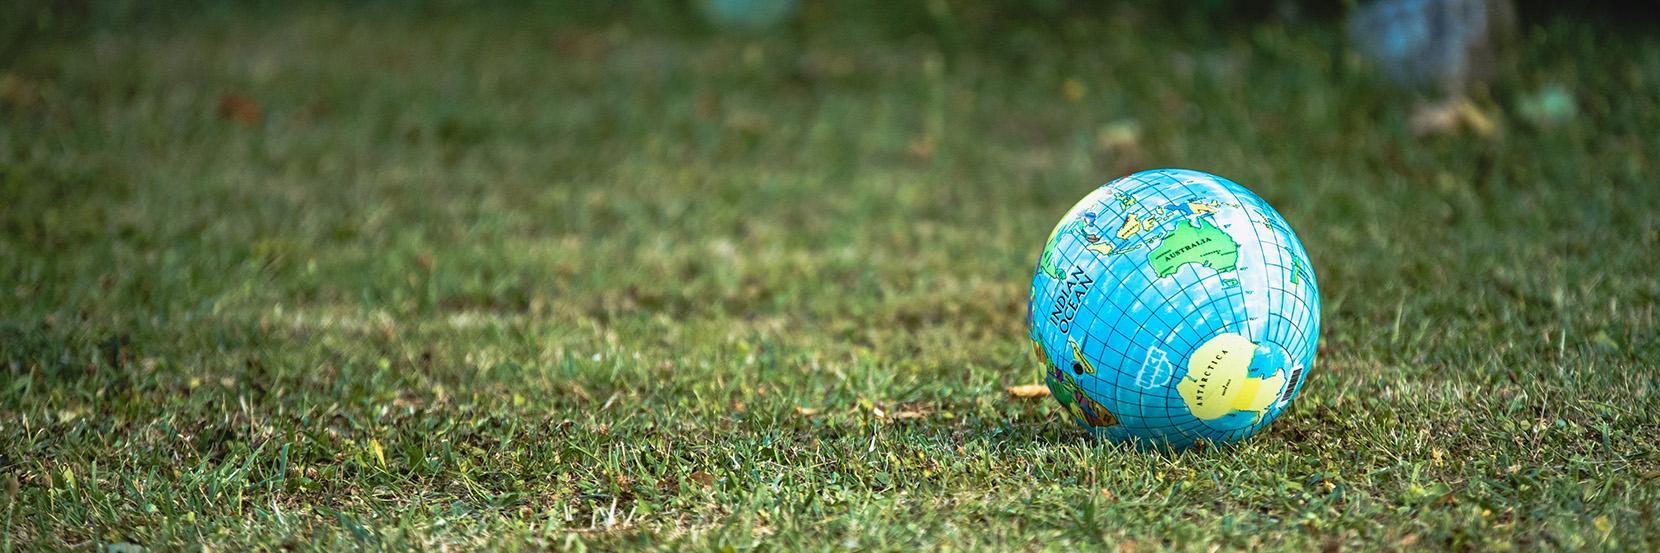 Verdensmål symboliseret ved lille globus på stor græsplæne